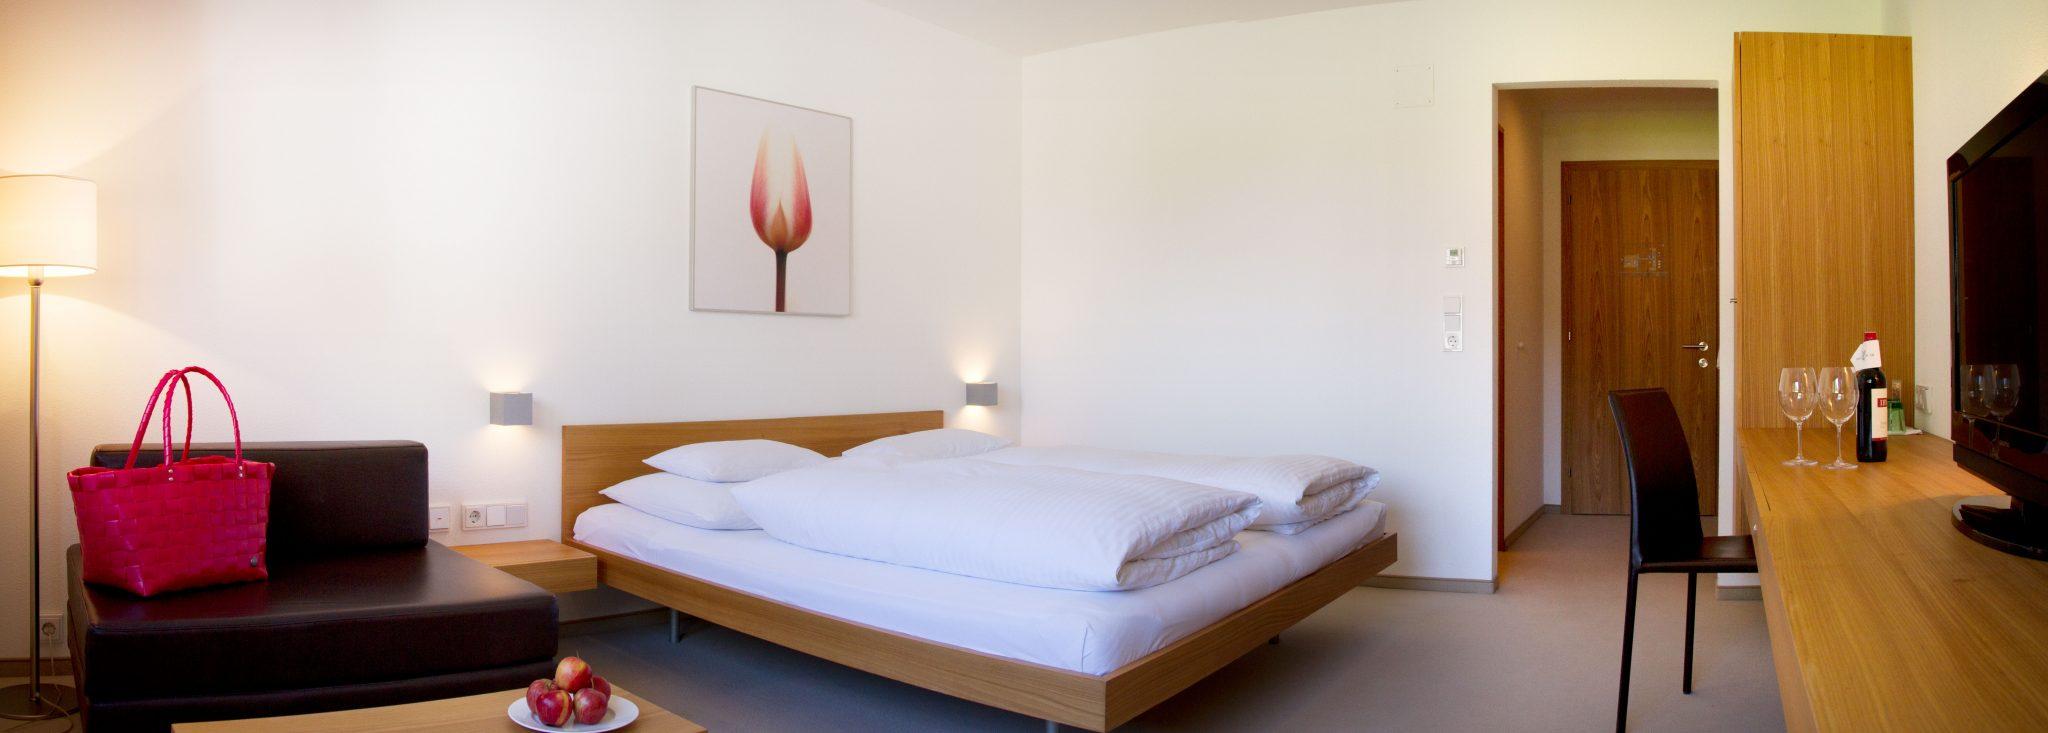 Hotel Krone Au Bregenzerwald